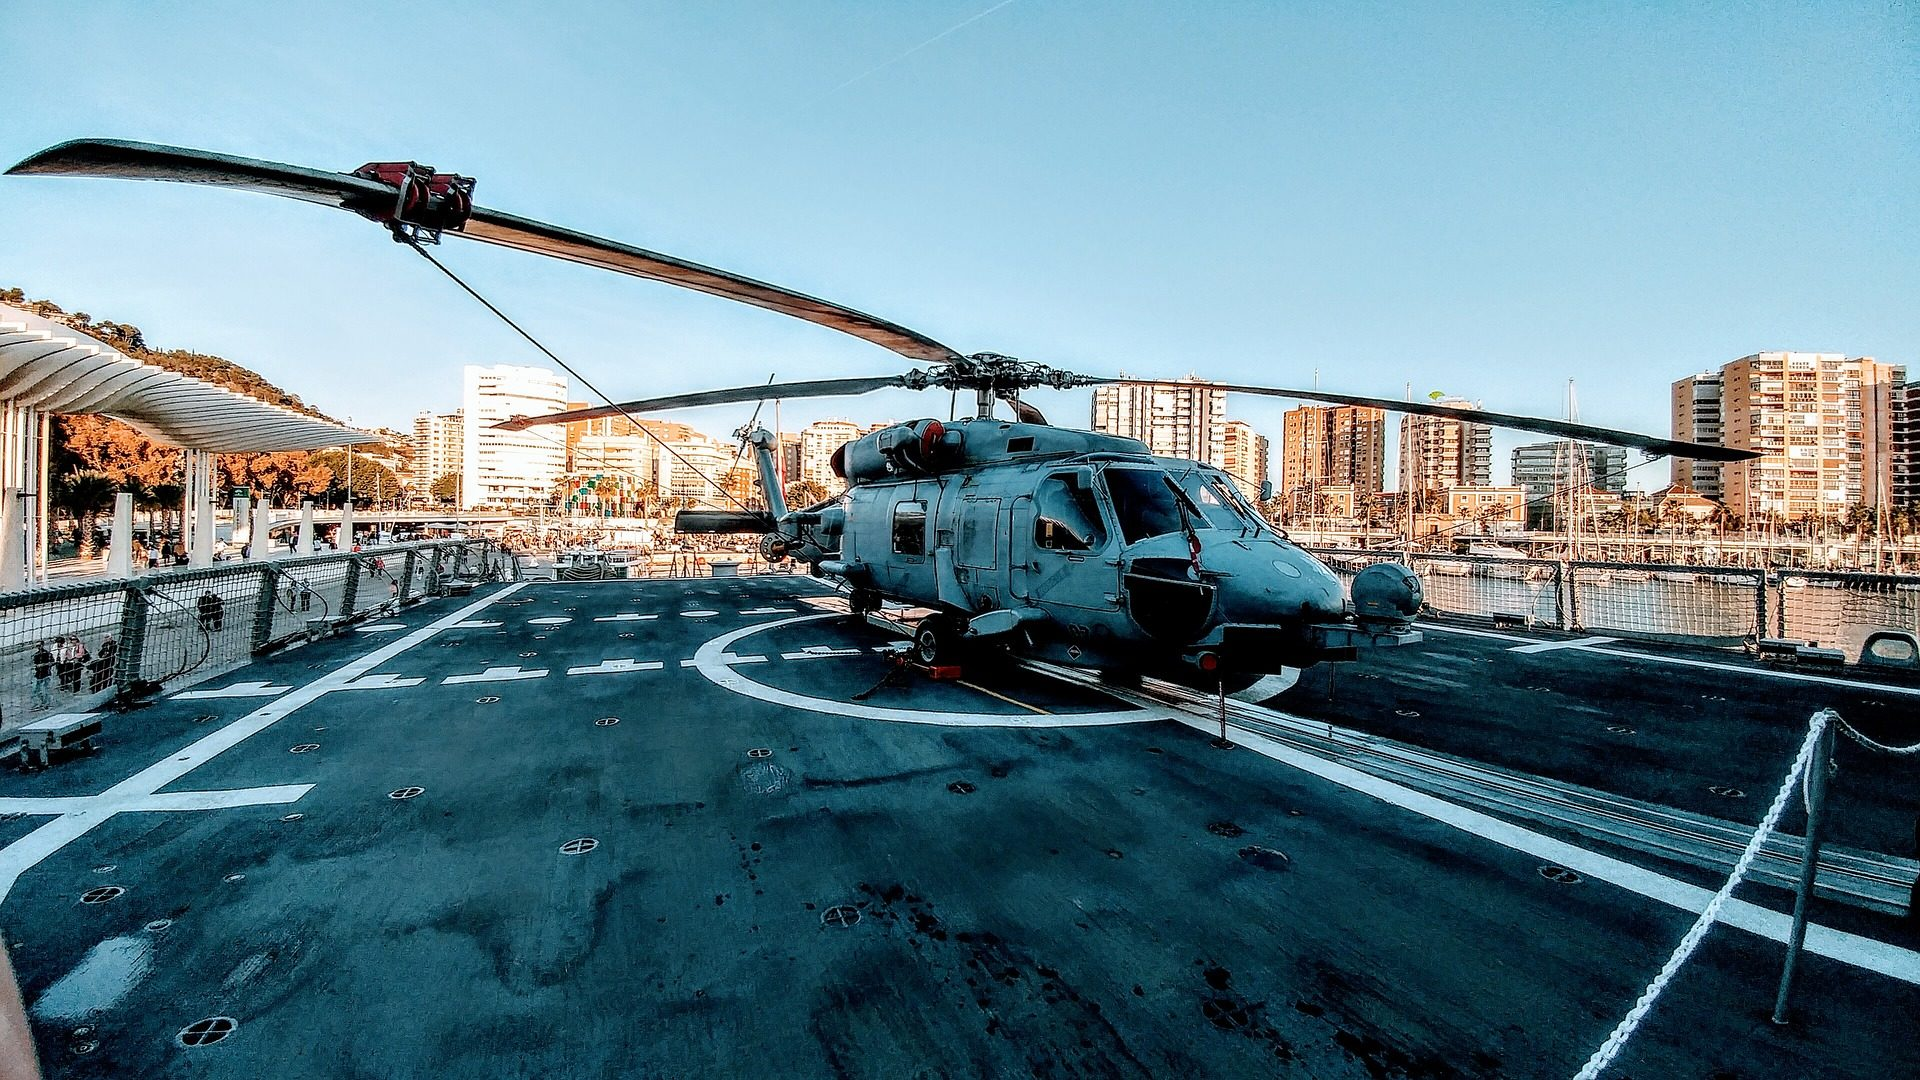 طائرة هليكوبتر, العسكرية, ش-60b, الجنون, المسار, رحلة - خلفيات عالية الدقة - أستاذ falken.com